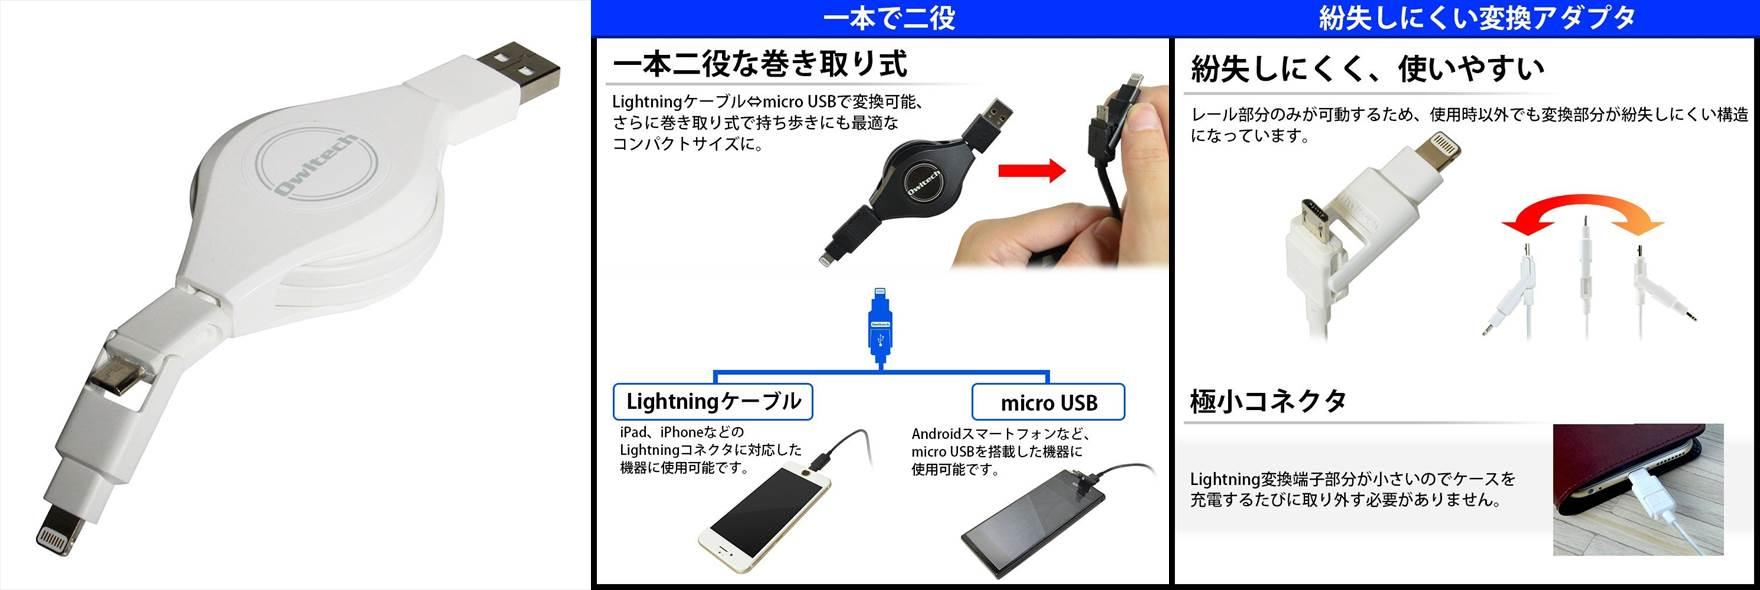 オウルテック Lightning変換アダプタ付きmicroUSBケーブル1.2m